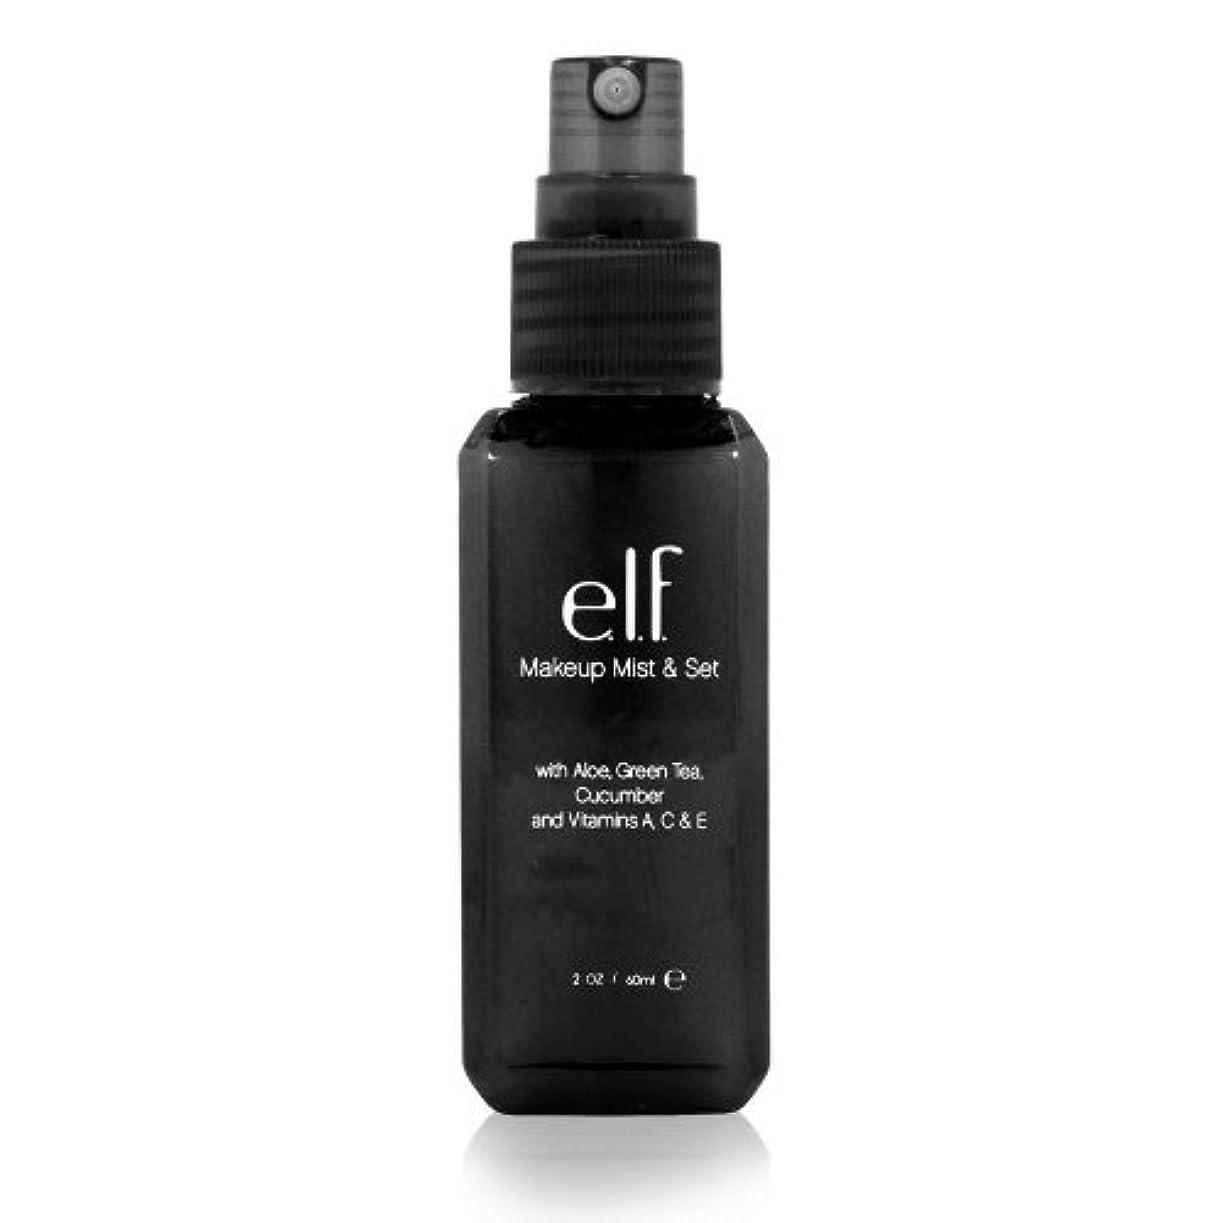 ファウル履歴書誤解を招く(3 Pack) e.l.f. Studio Makeup Mist & Set - Clear (並行輸入品)